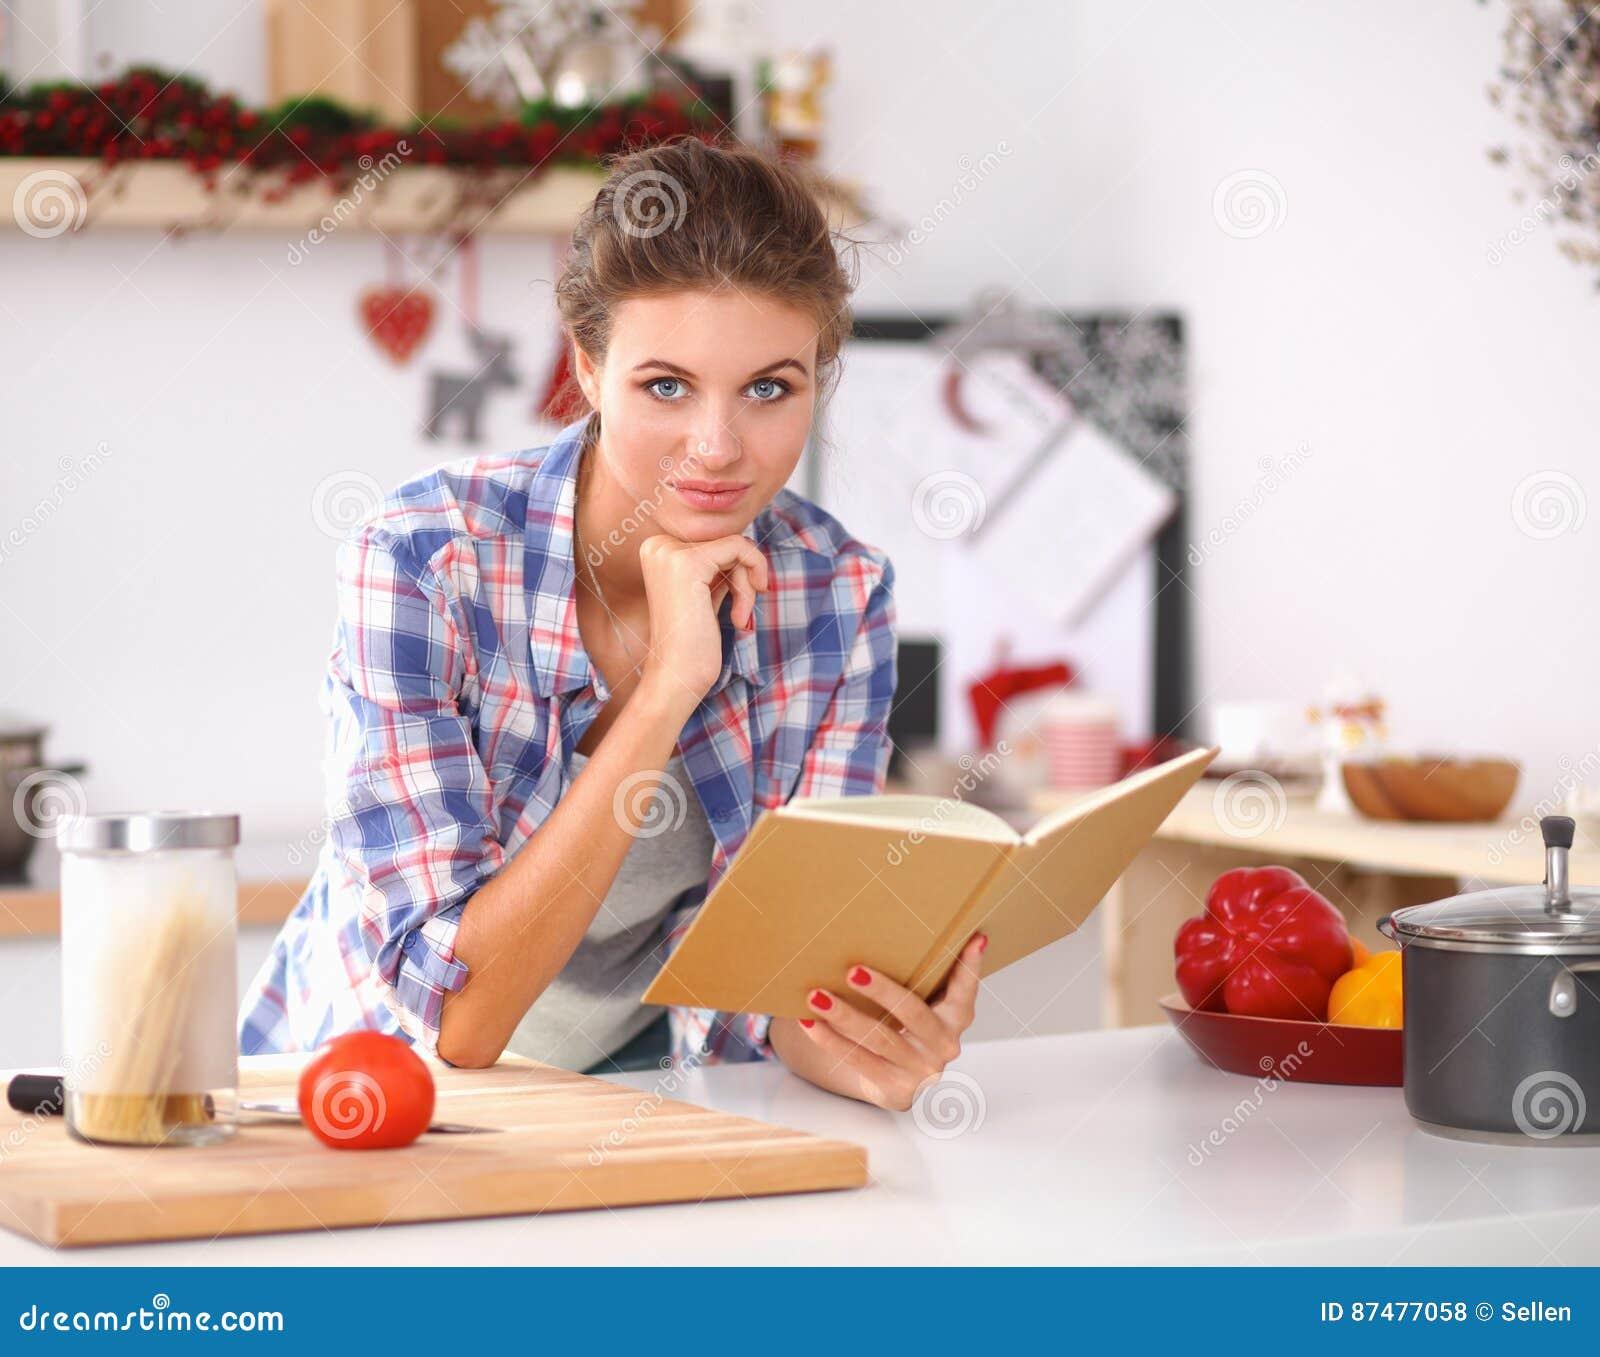 Поваренная книга чтения молодой женщины в кухне, ища рецепт